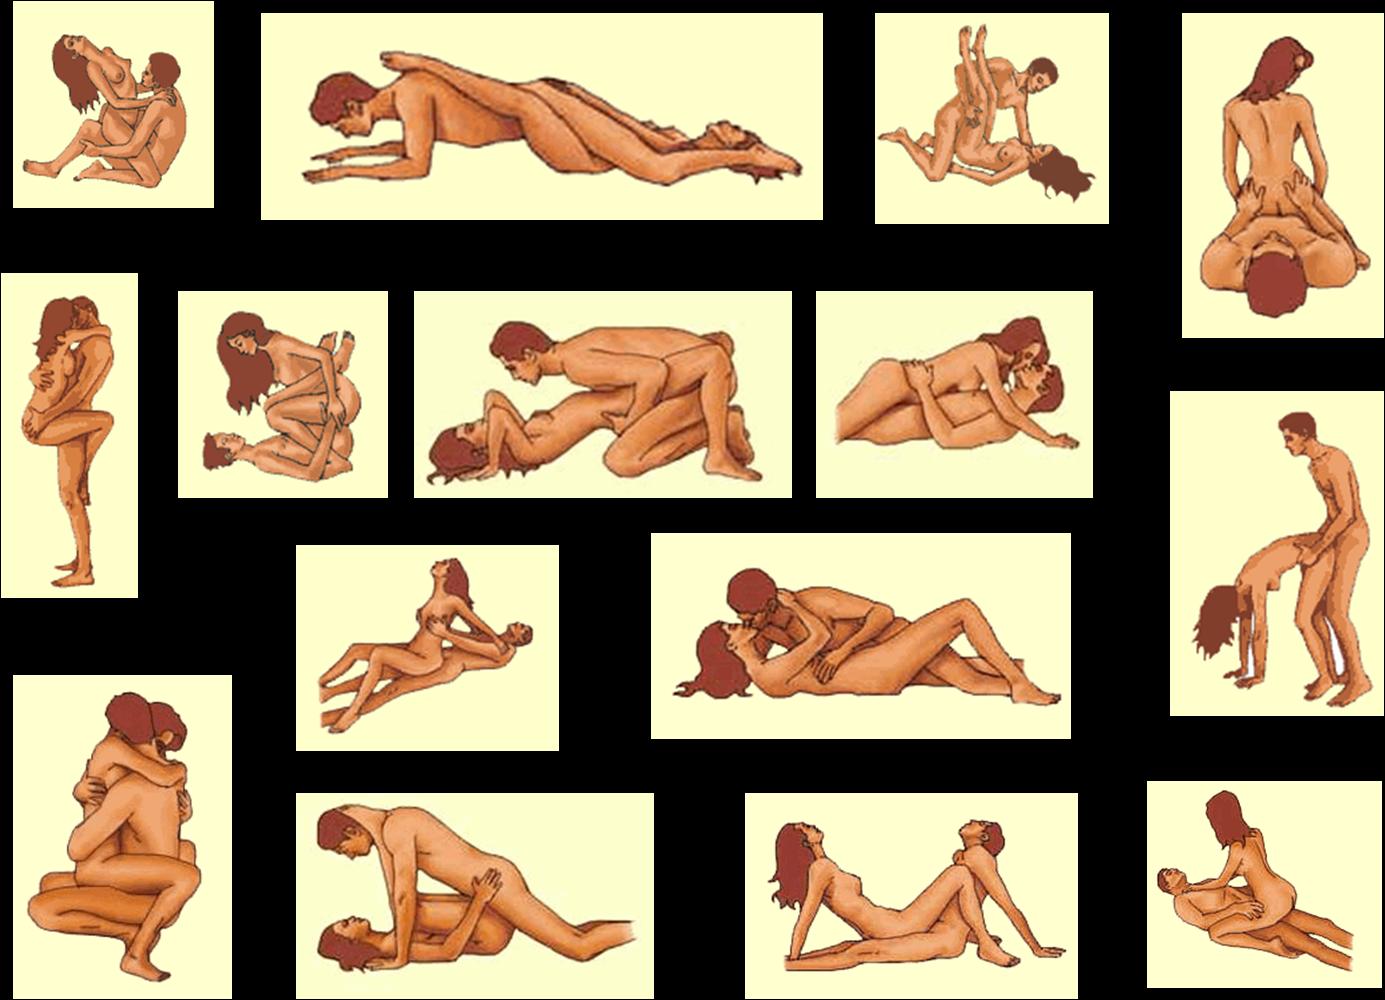 kamasutra-vidi-seksa